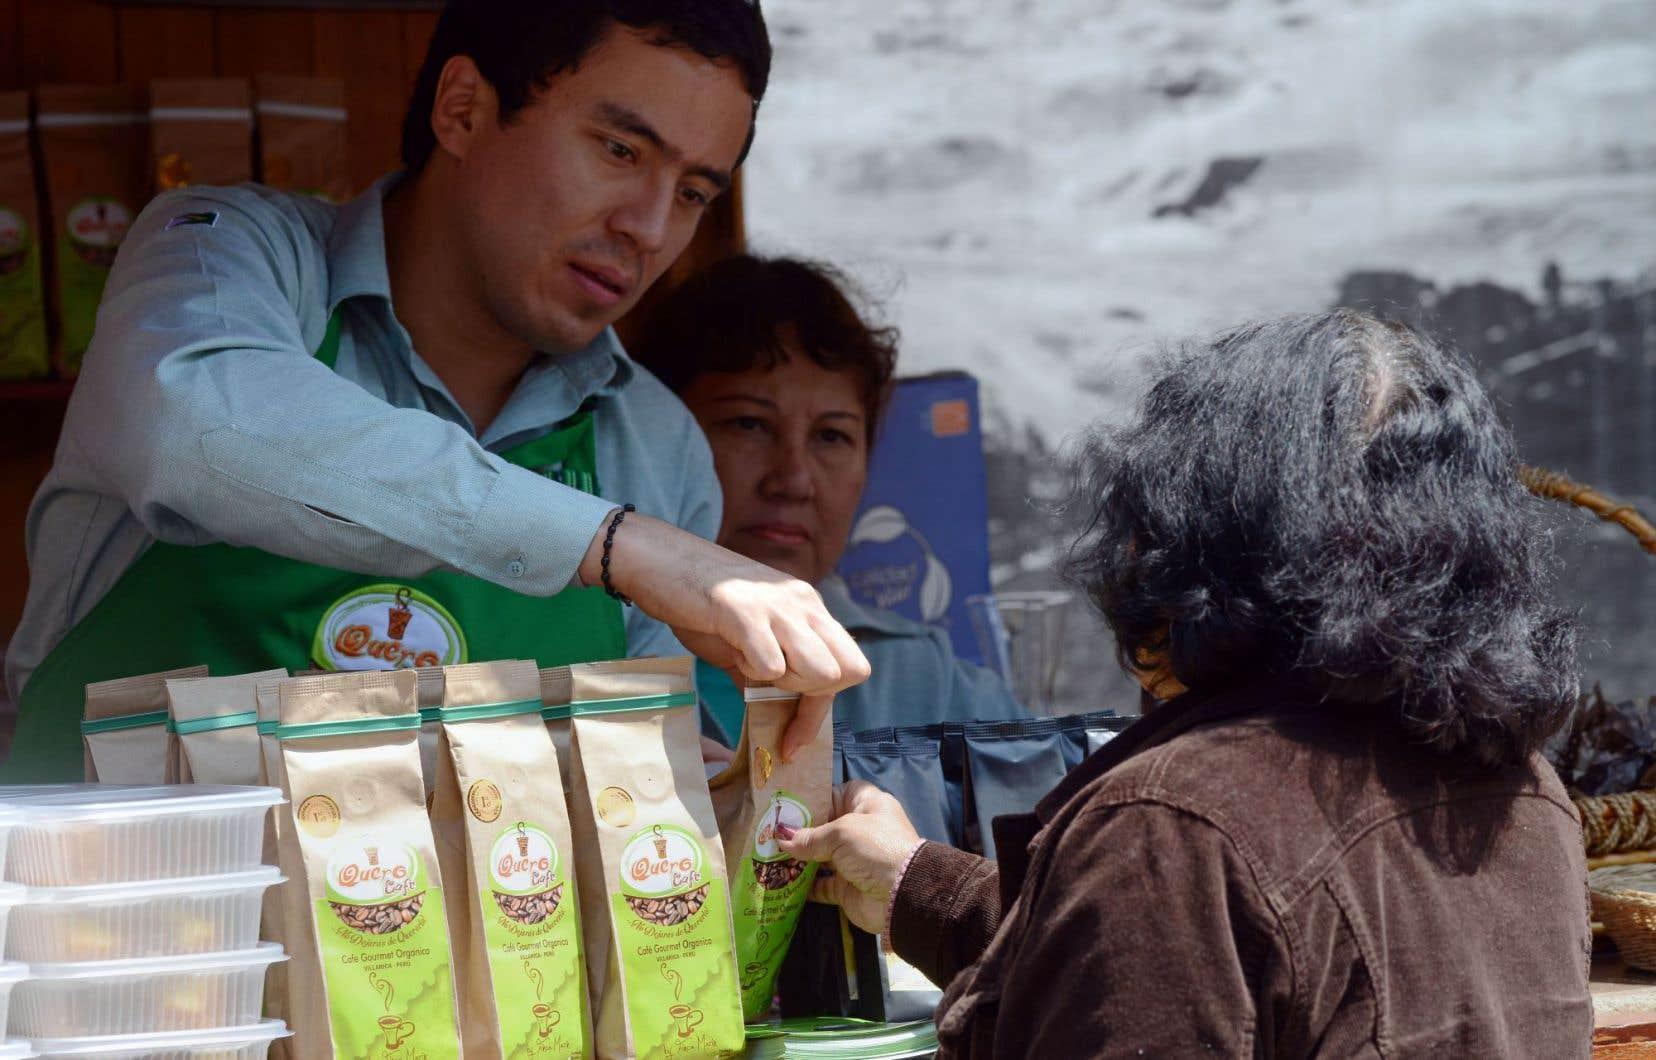 À Lima, un producteur de café vend son produit directement aux consommateurs. Le FMI, la Banque mondiale et les ministres des Finances du G20 tiendront leur grande réunion annuelle au Pérou la semaine prochaine.